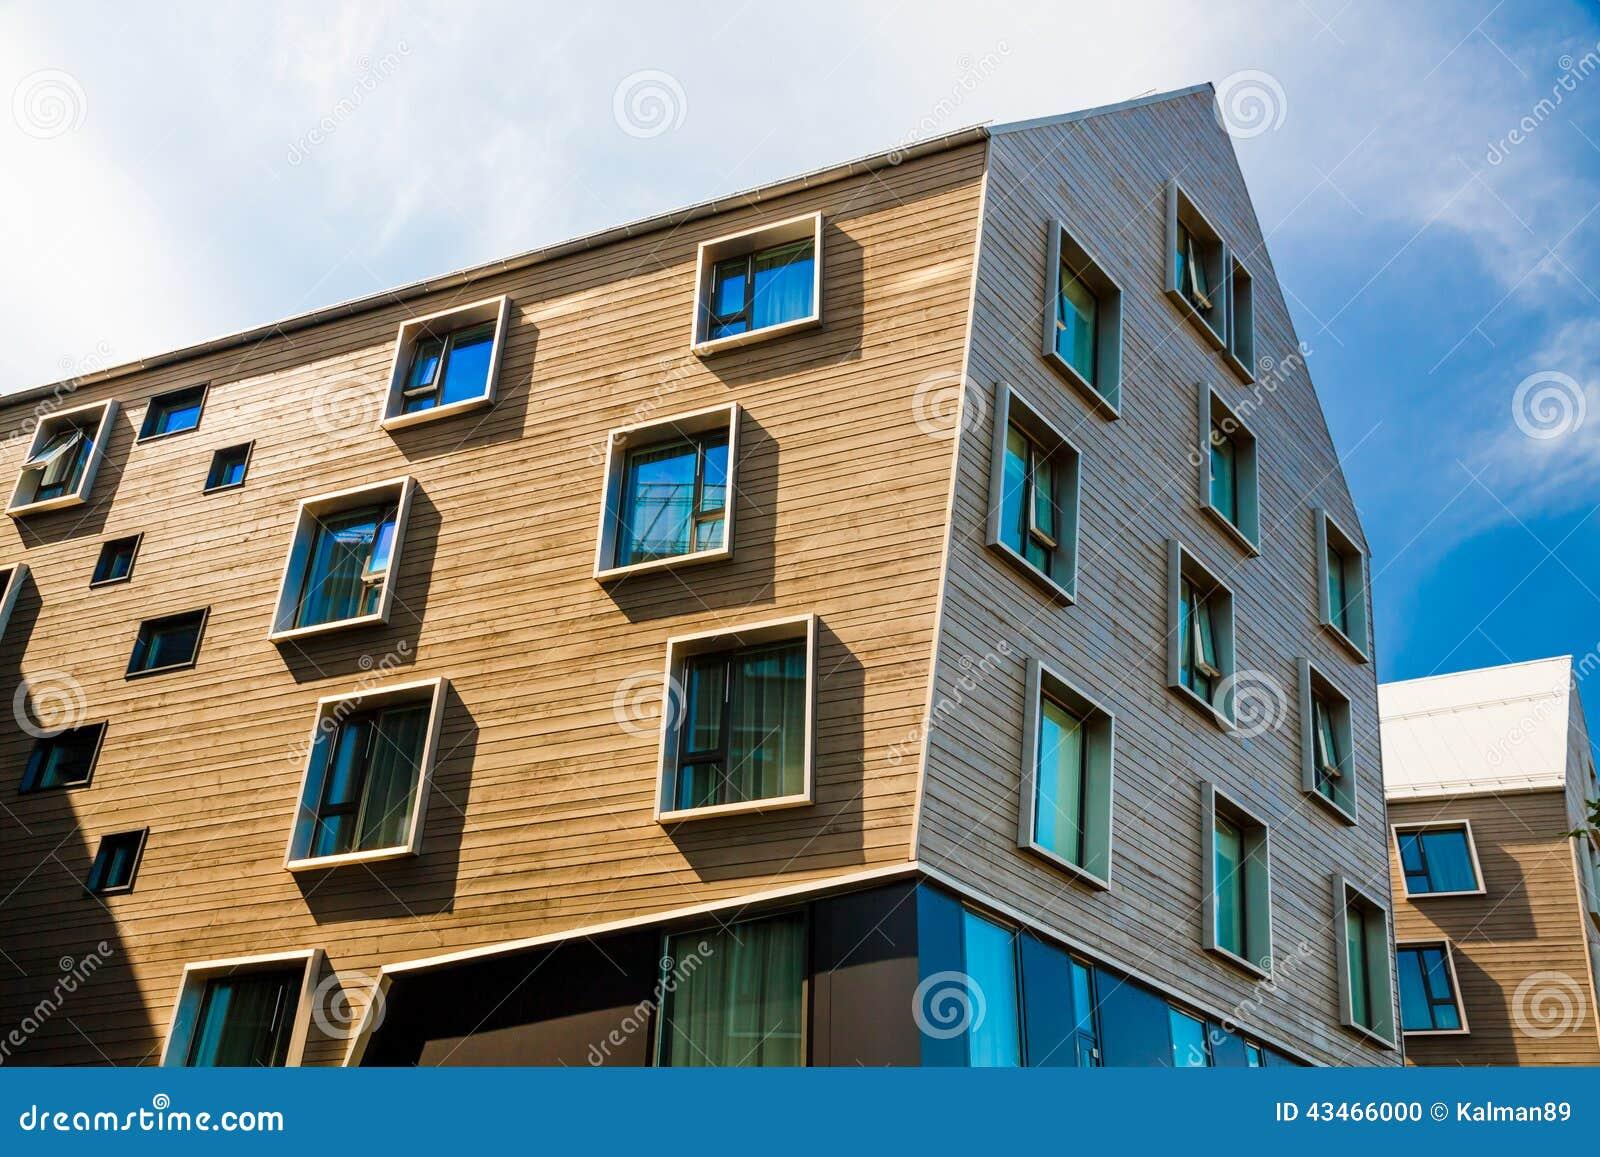 Architettura moderna fotografia stock immagine 43466000 for Architettura casa moderna